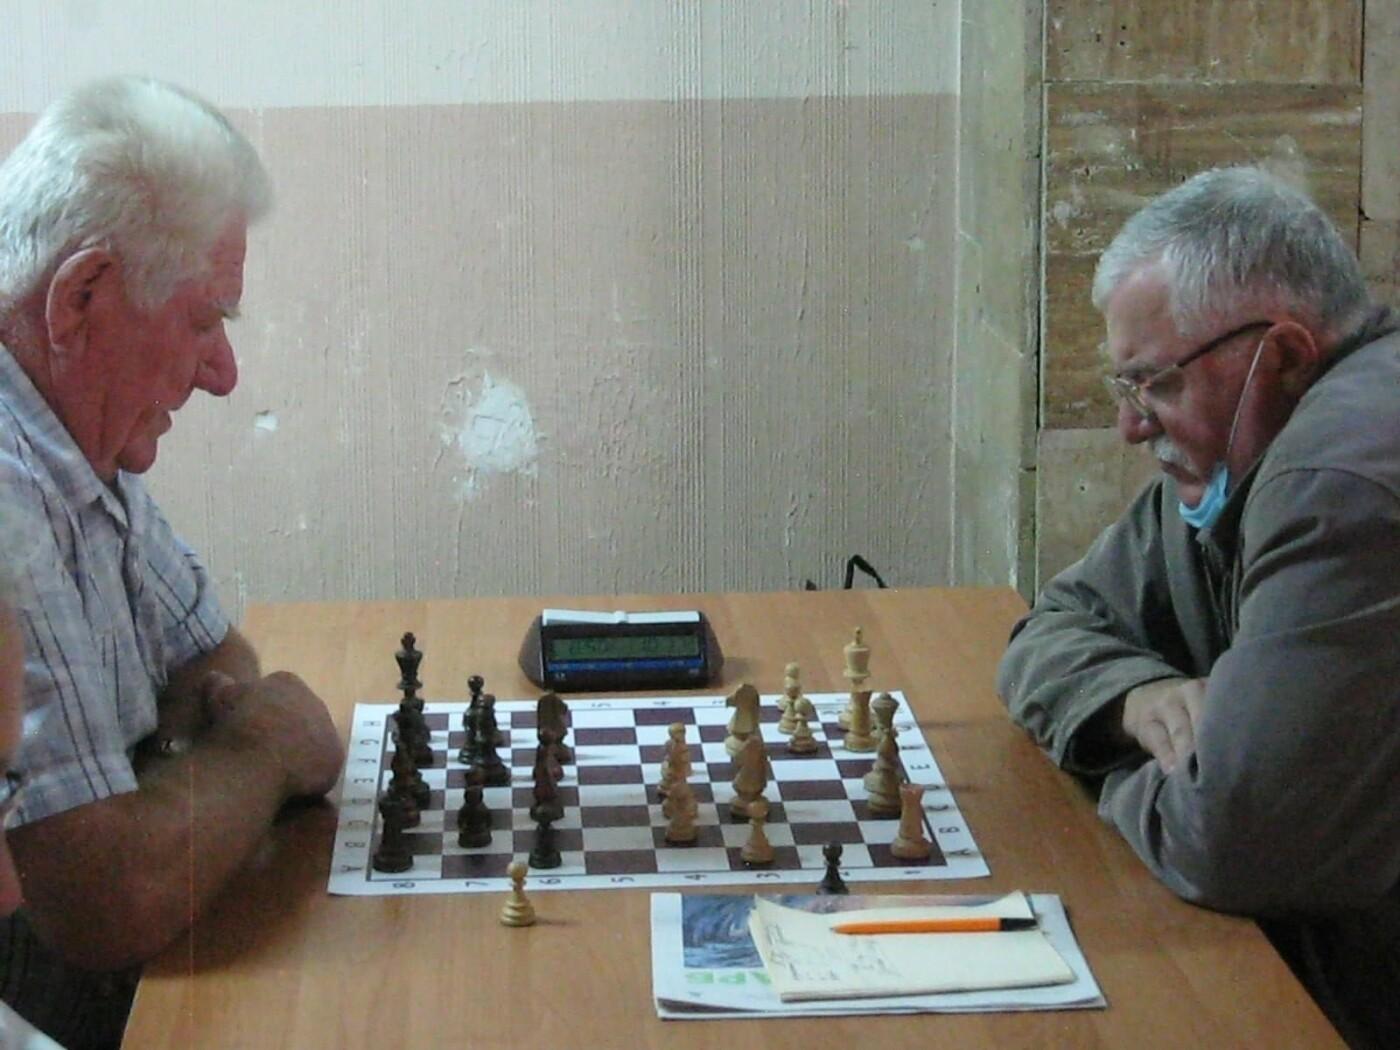 Трускавчани виграли обласні змагання з шахів серед людей з інвалідністю, фото-2